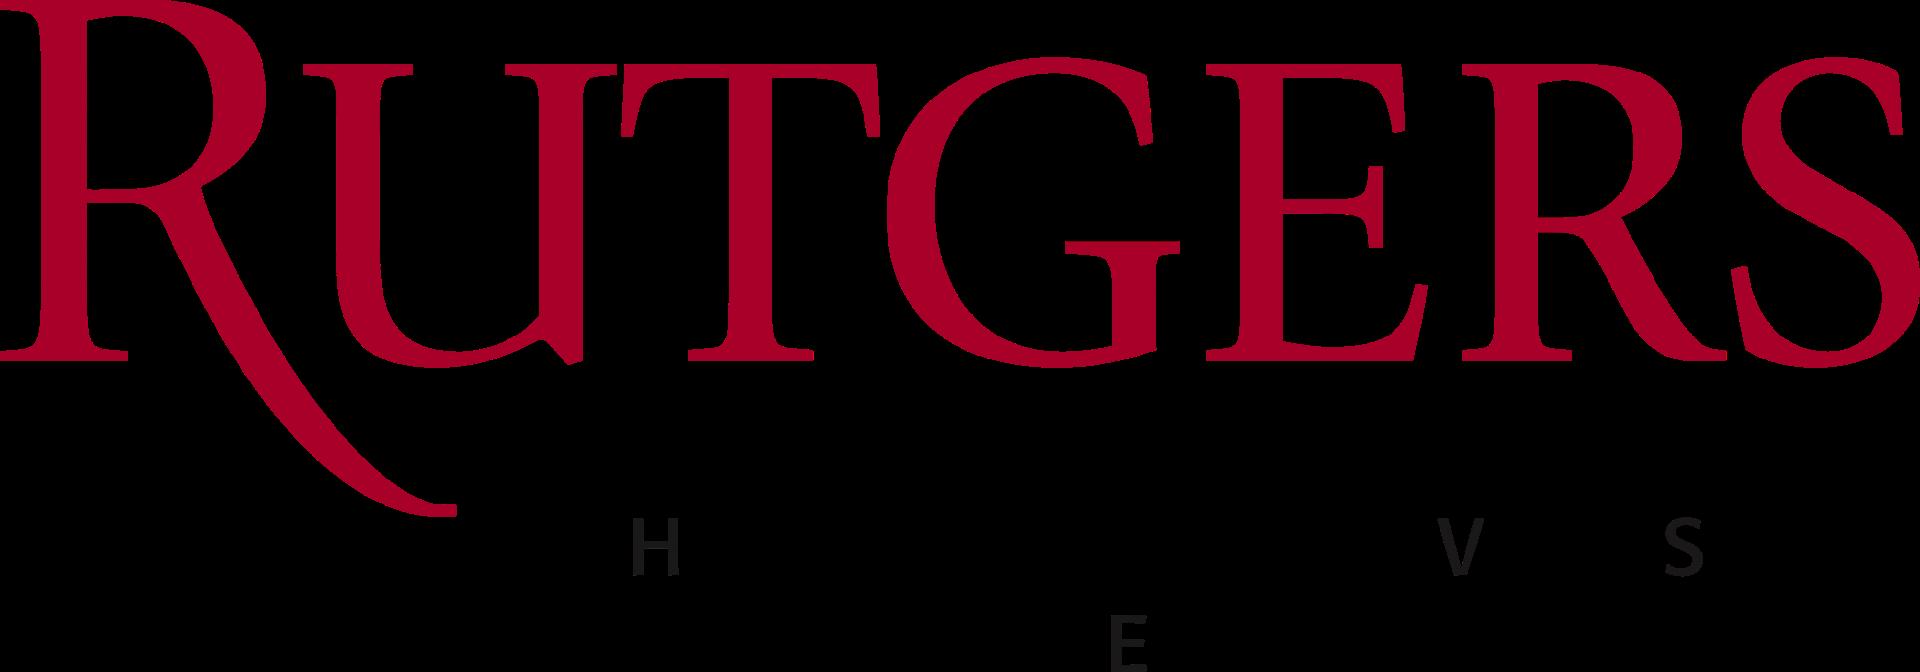 David_Dumbroff_Rutgers_University